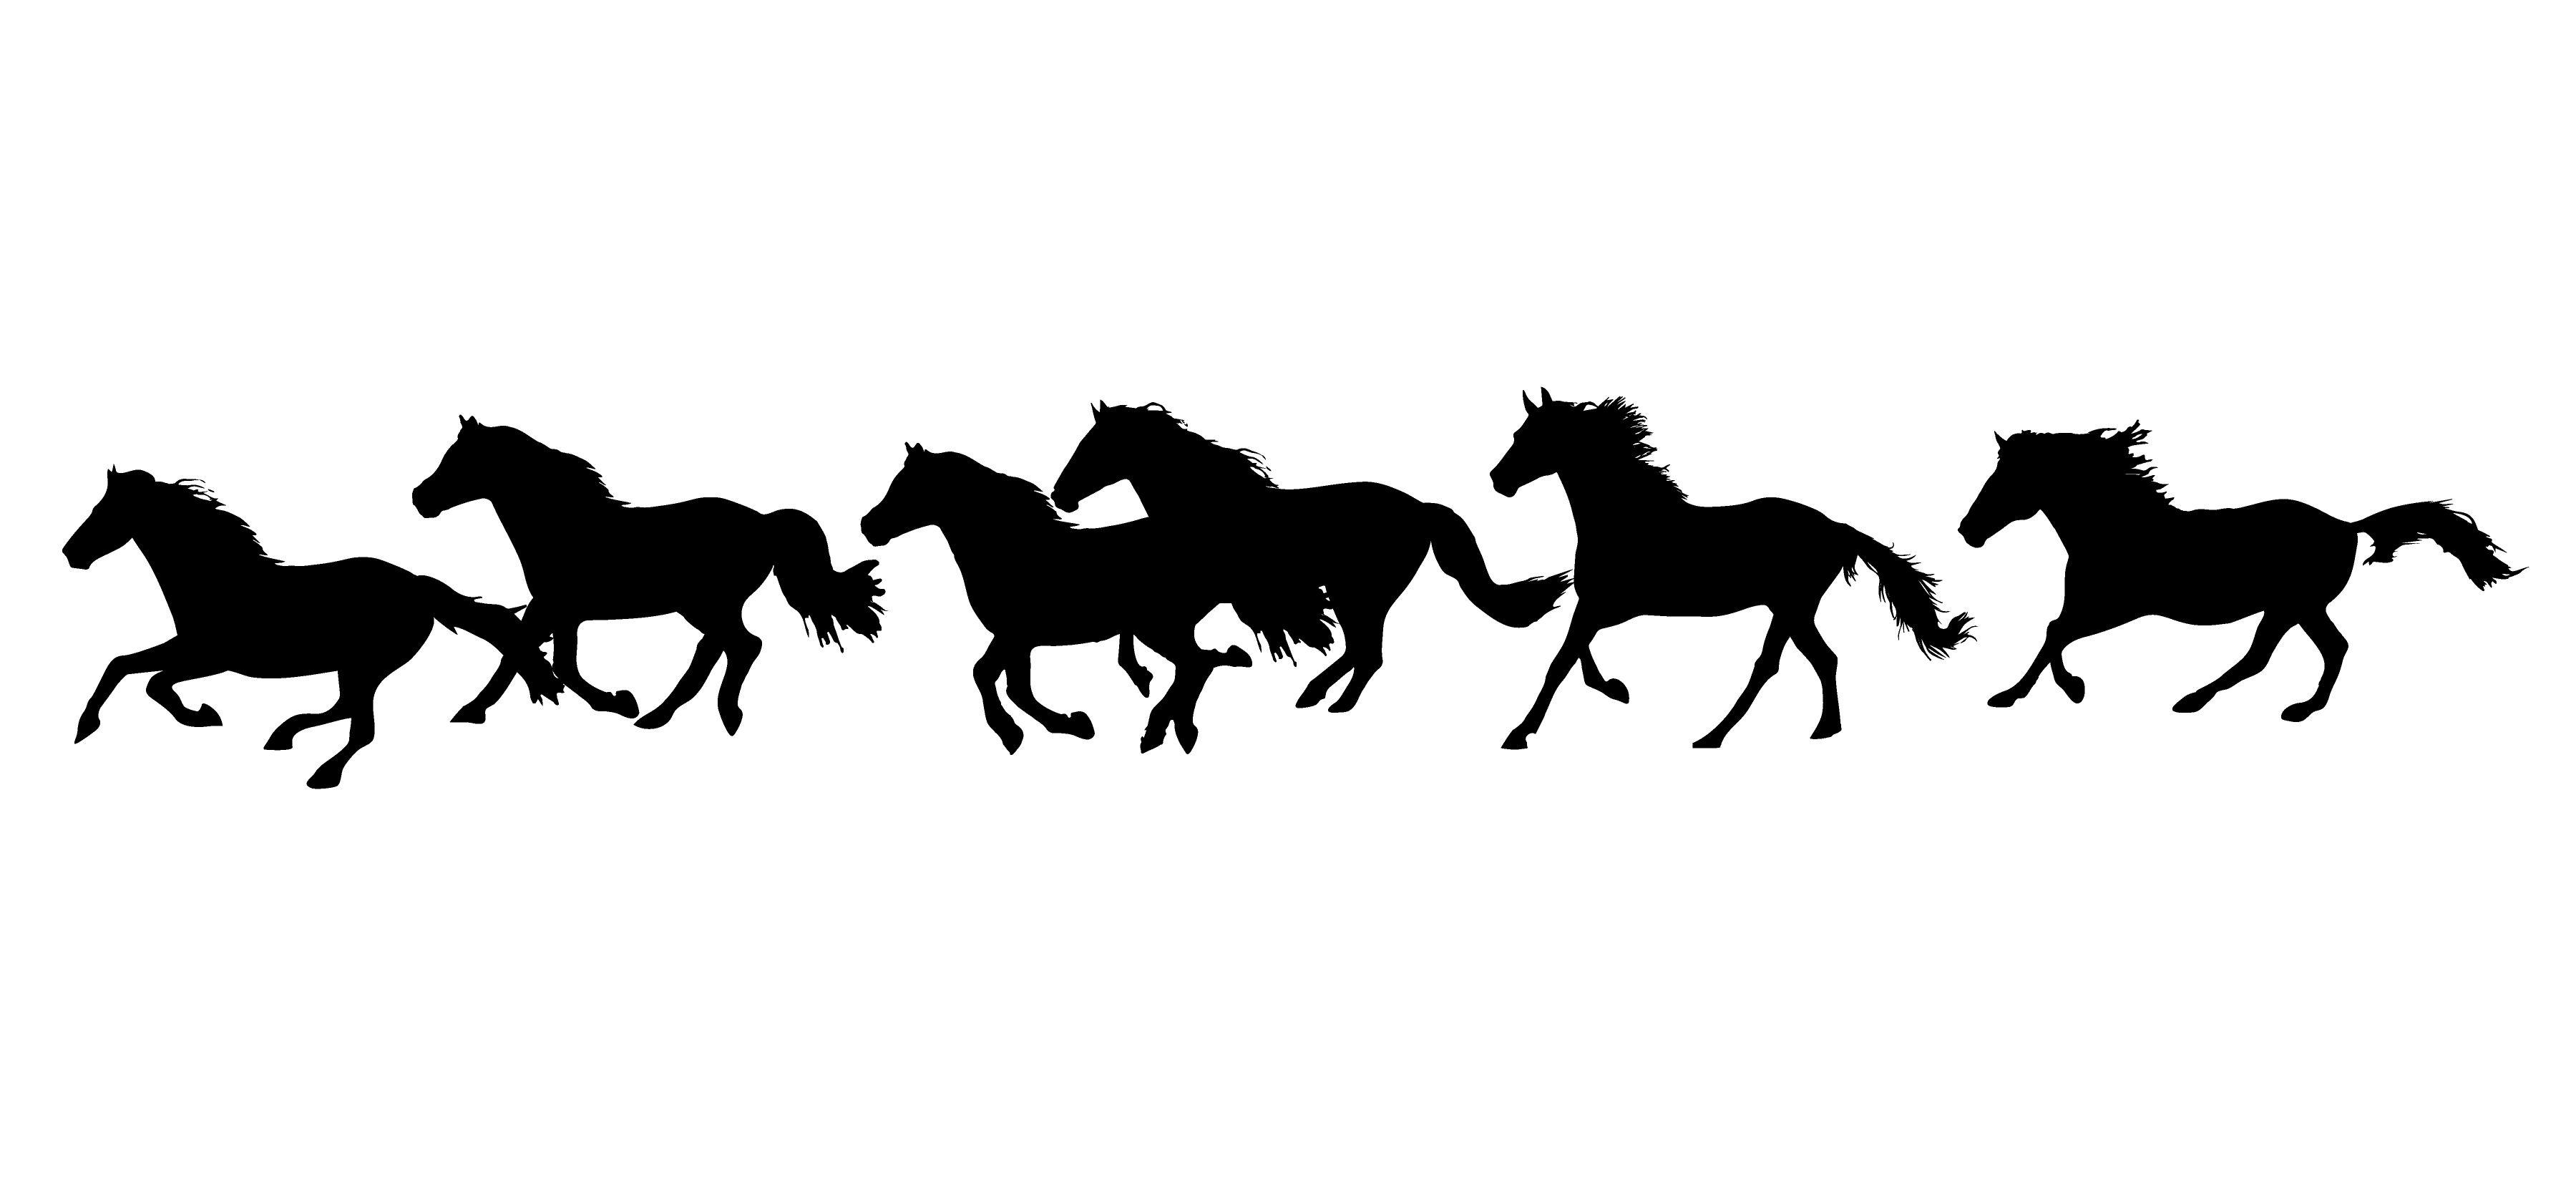 Running Horses | درو | Horses, Running horses, Horse drawings - photo#24